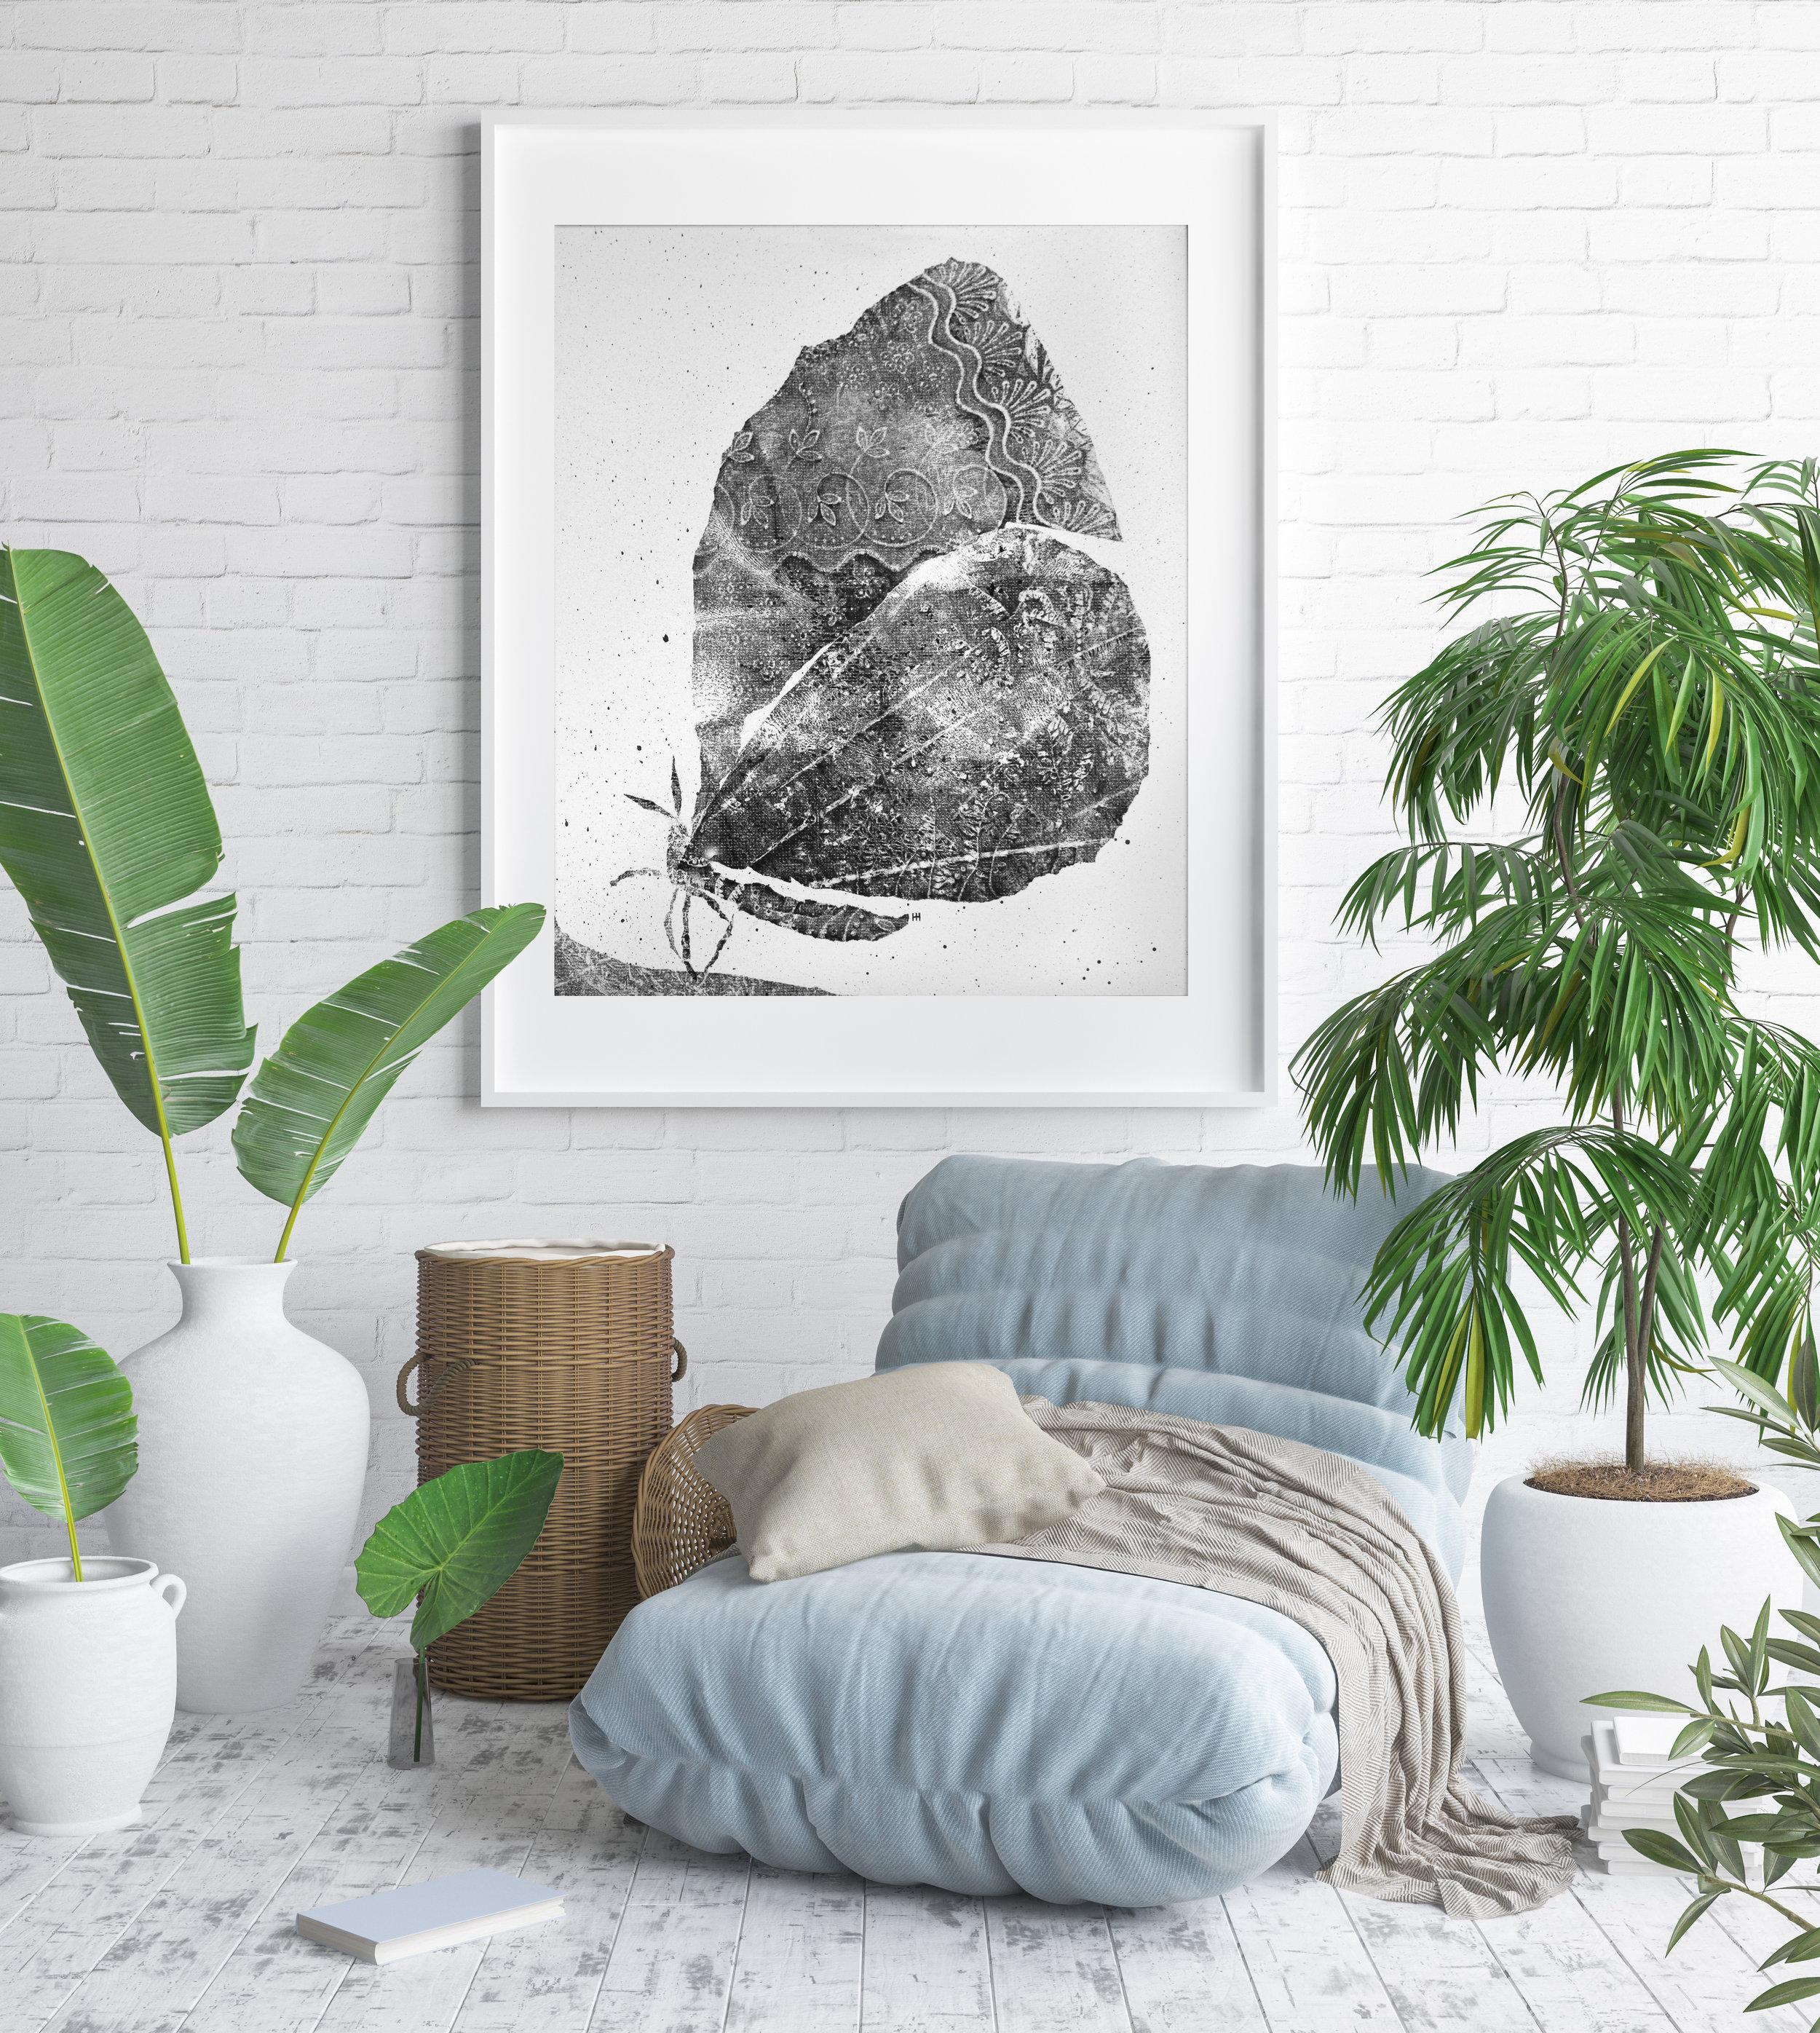 interior_moth_4.jpg